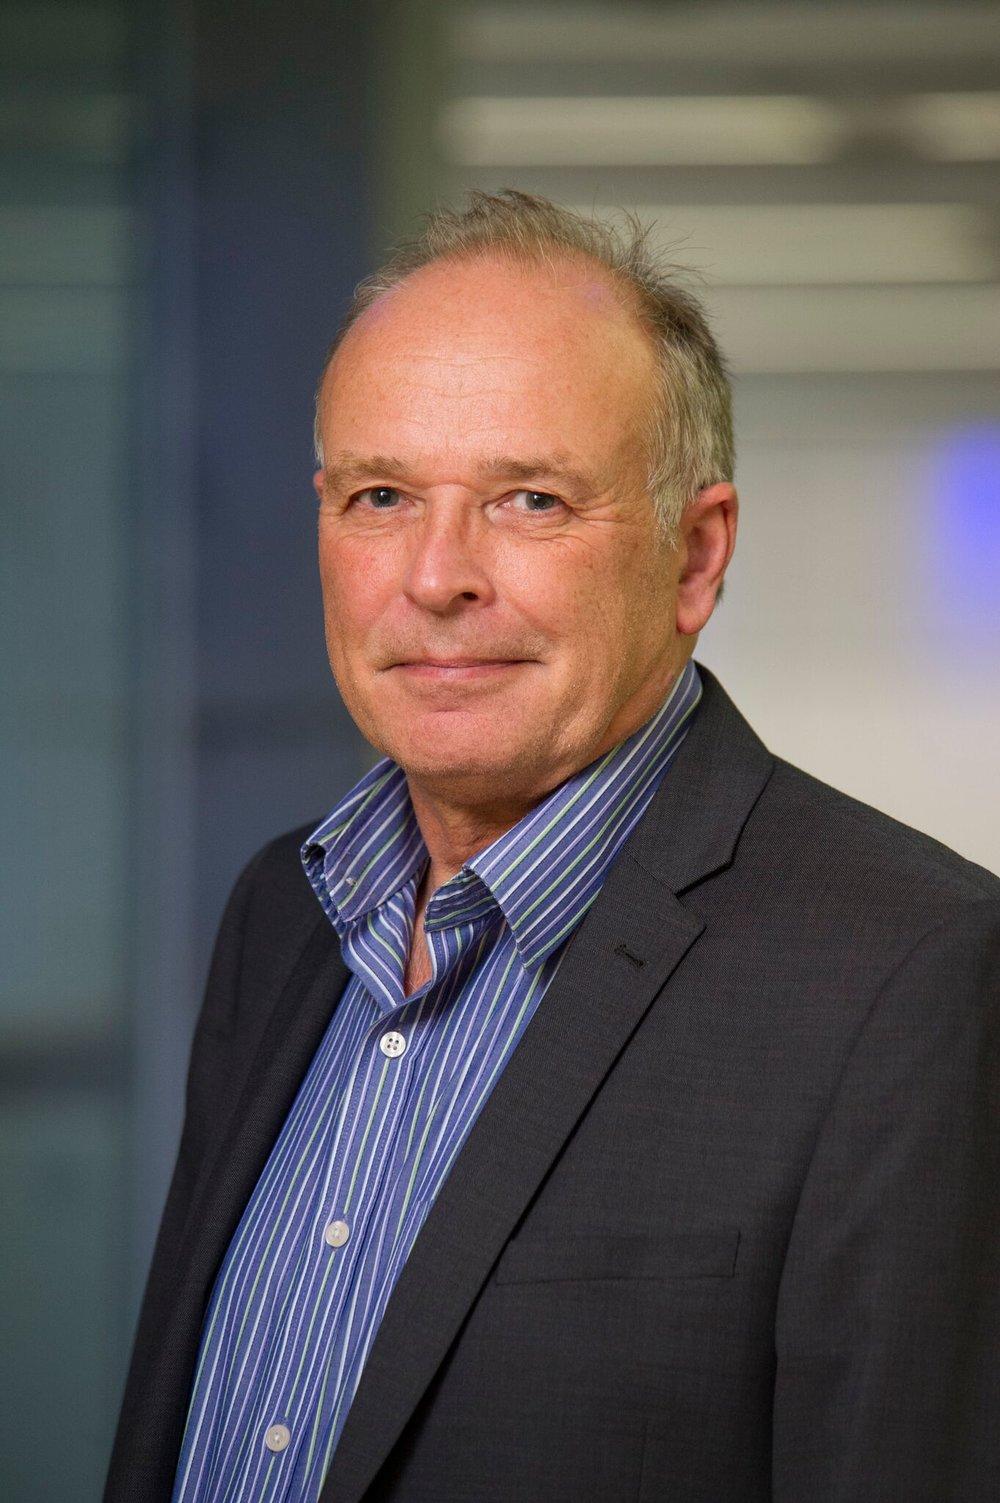 Peter Godfrey Pre-Construction Director